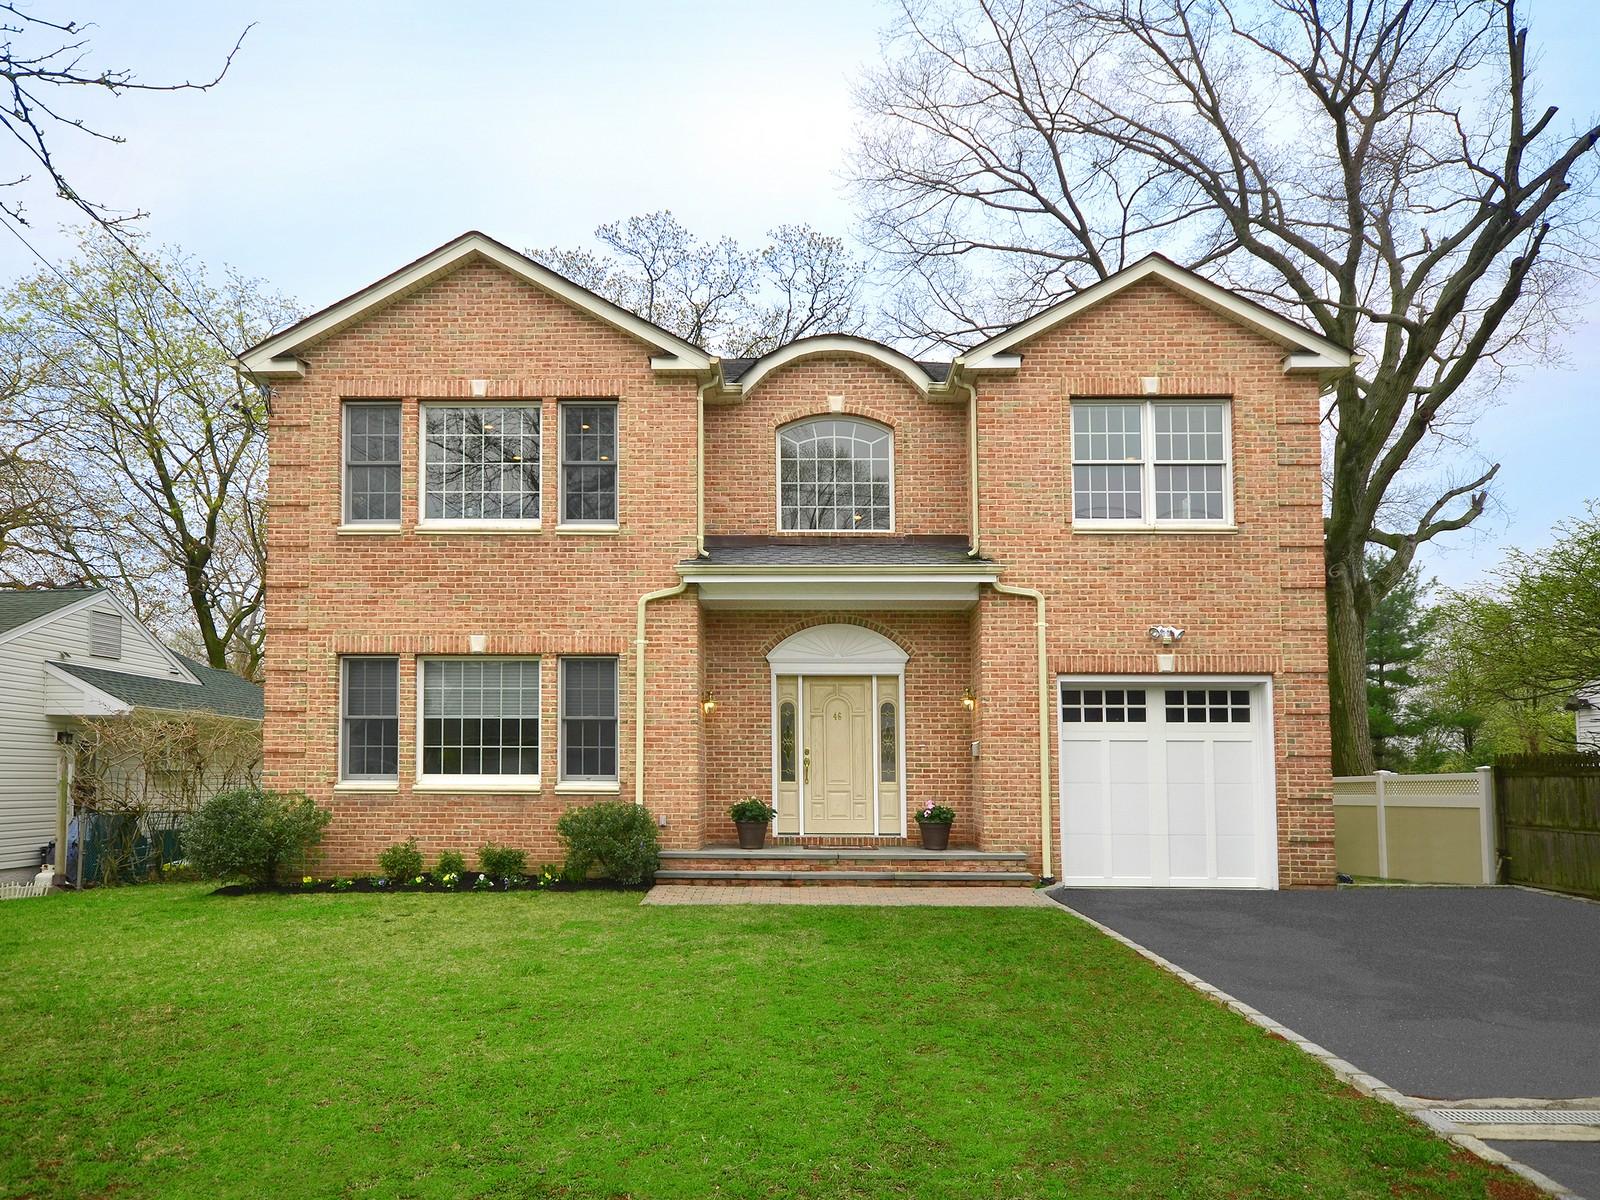 独户住宅 为 销售 在 Colonial 46 Radcliff Ave 华盛顿港, 纽约州, 11050 美国